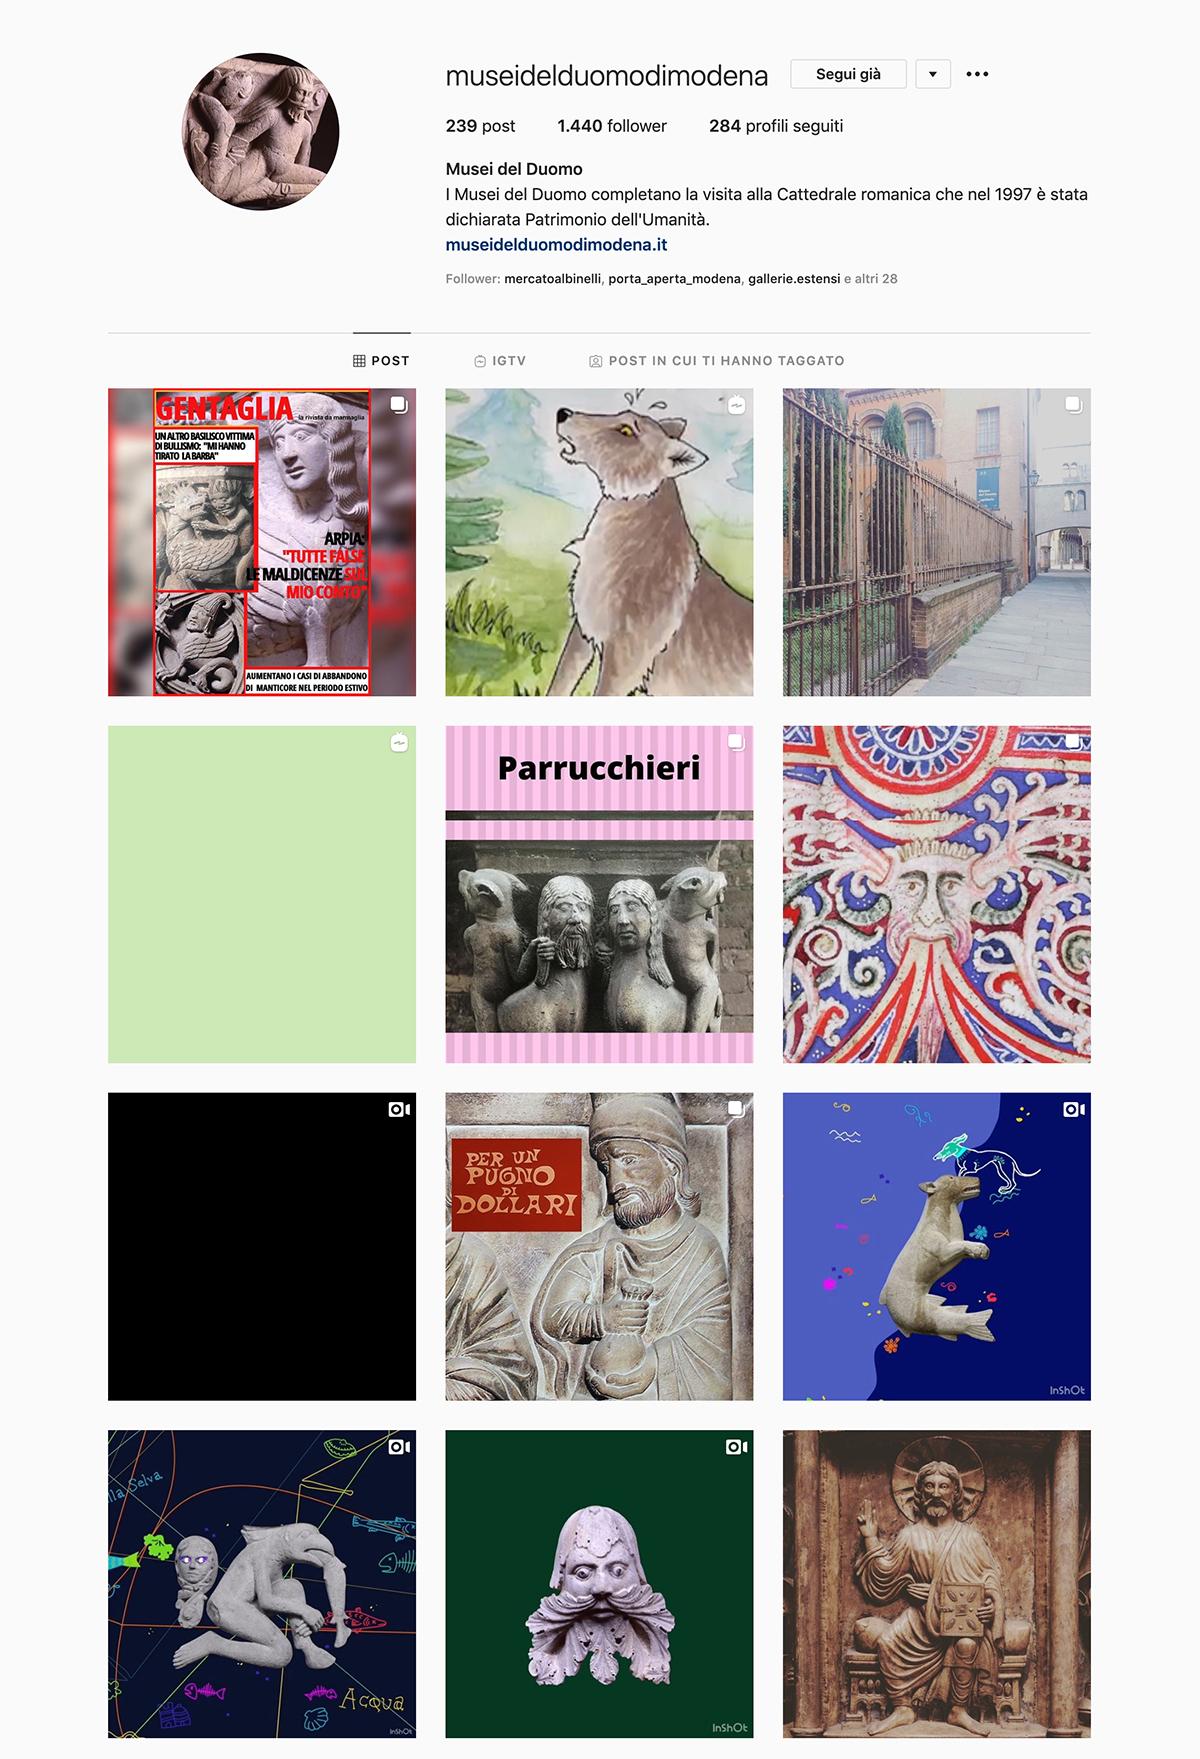 musei del duomo modena instagram